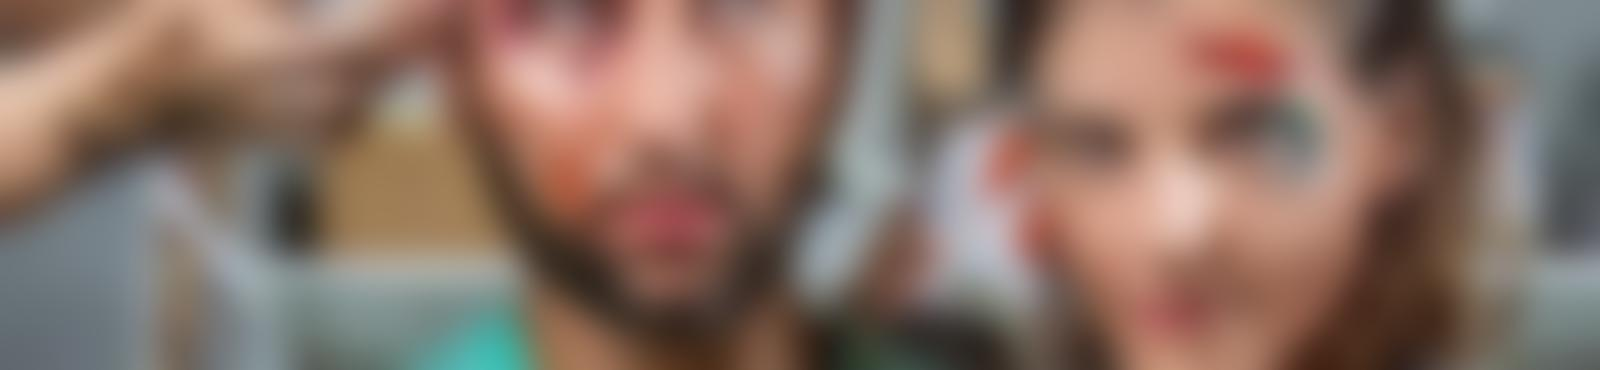 Blurred 0f04e2b6 9313 4d5f 957f 27e92d3f22f8